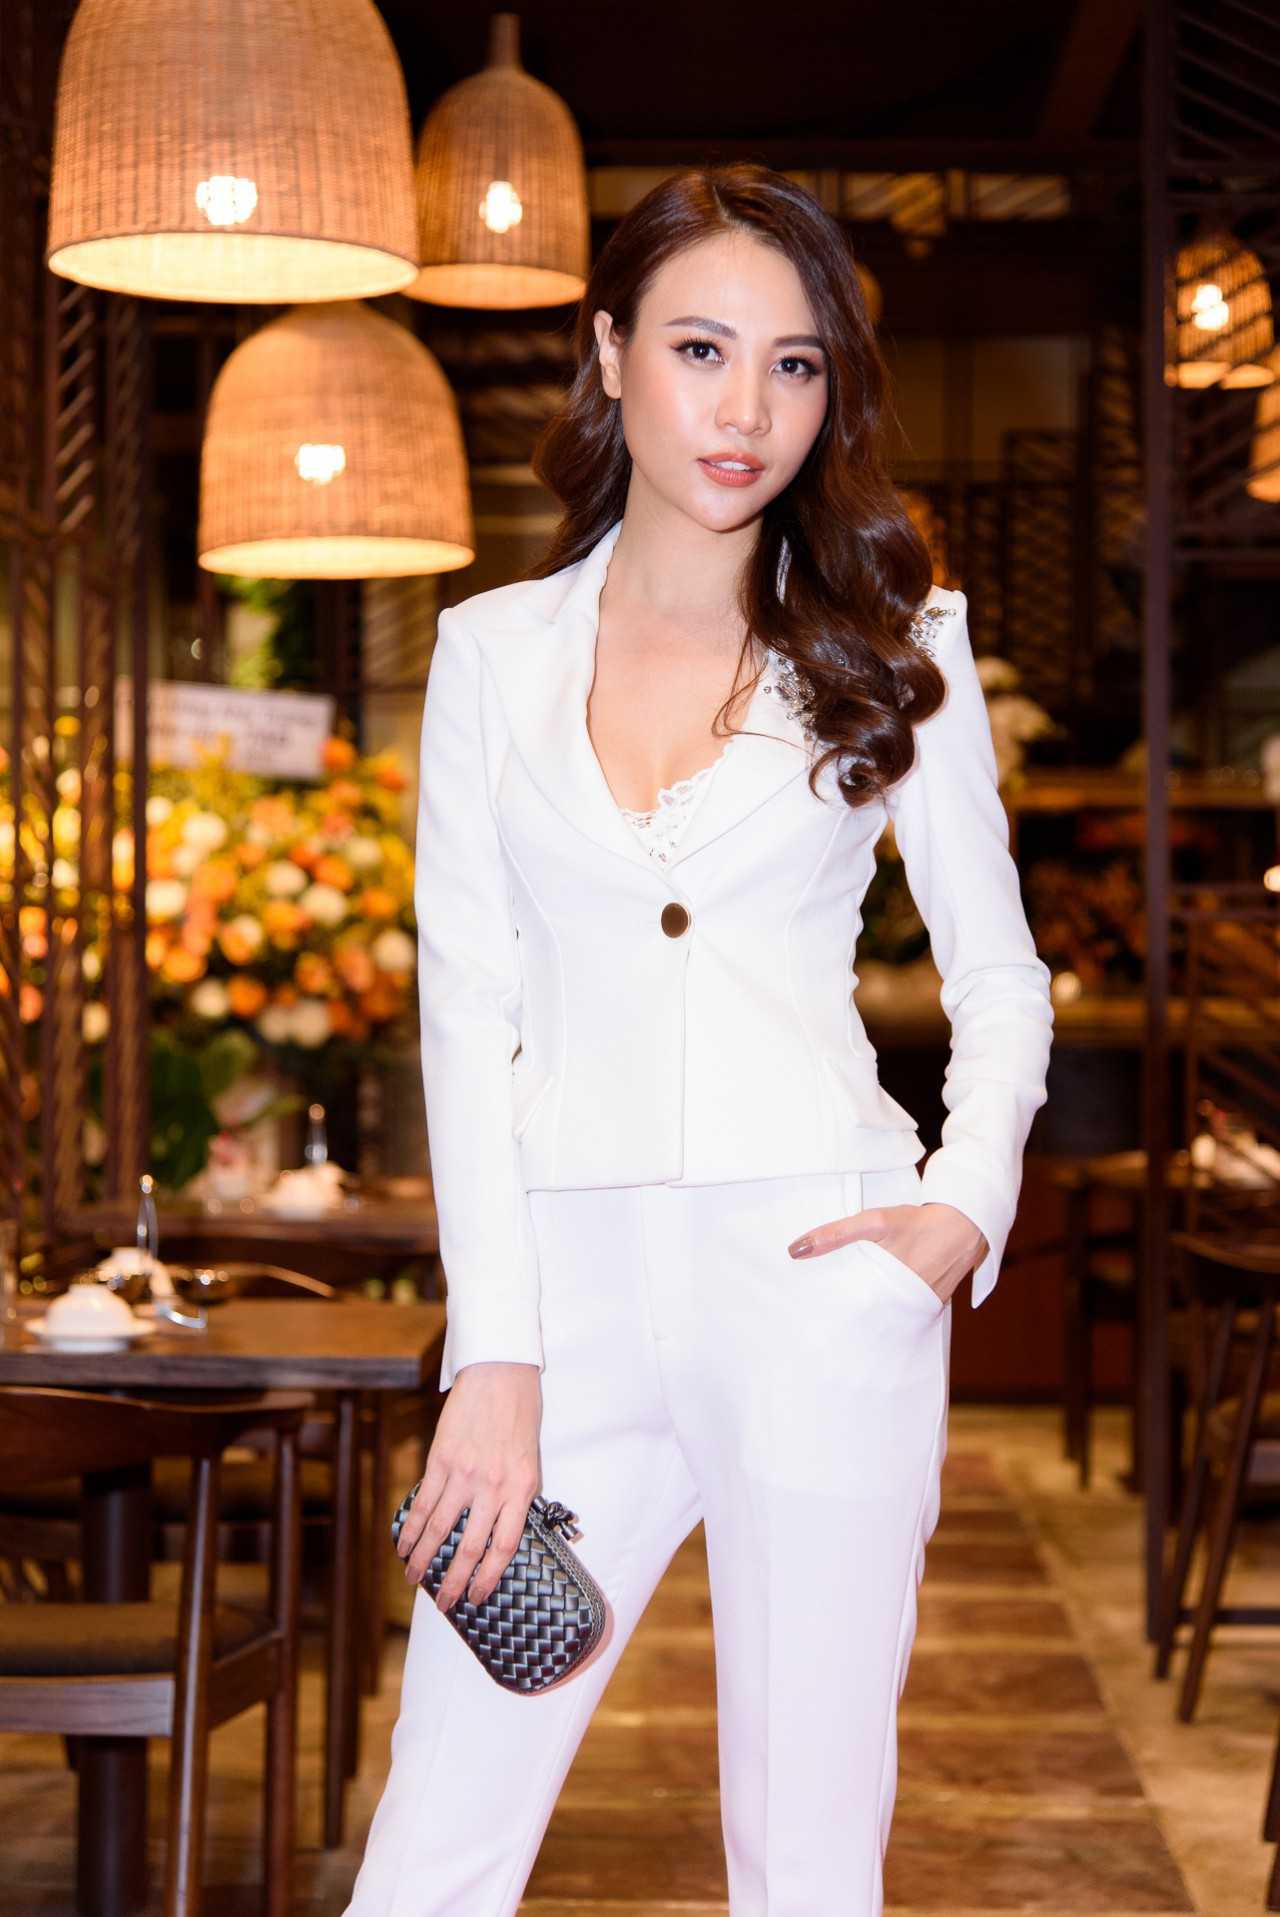 Đàm Thu Trang từng tốt nghiệp khoa Thanh nhạc trường Đại học Văn hóa Nghệ thuật Quân đội.